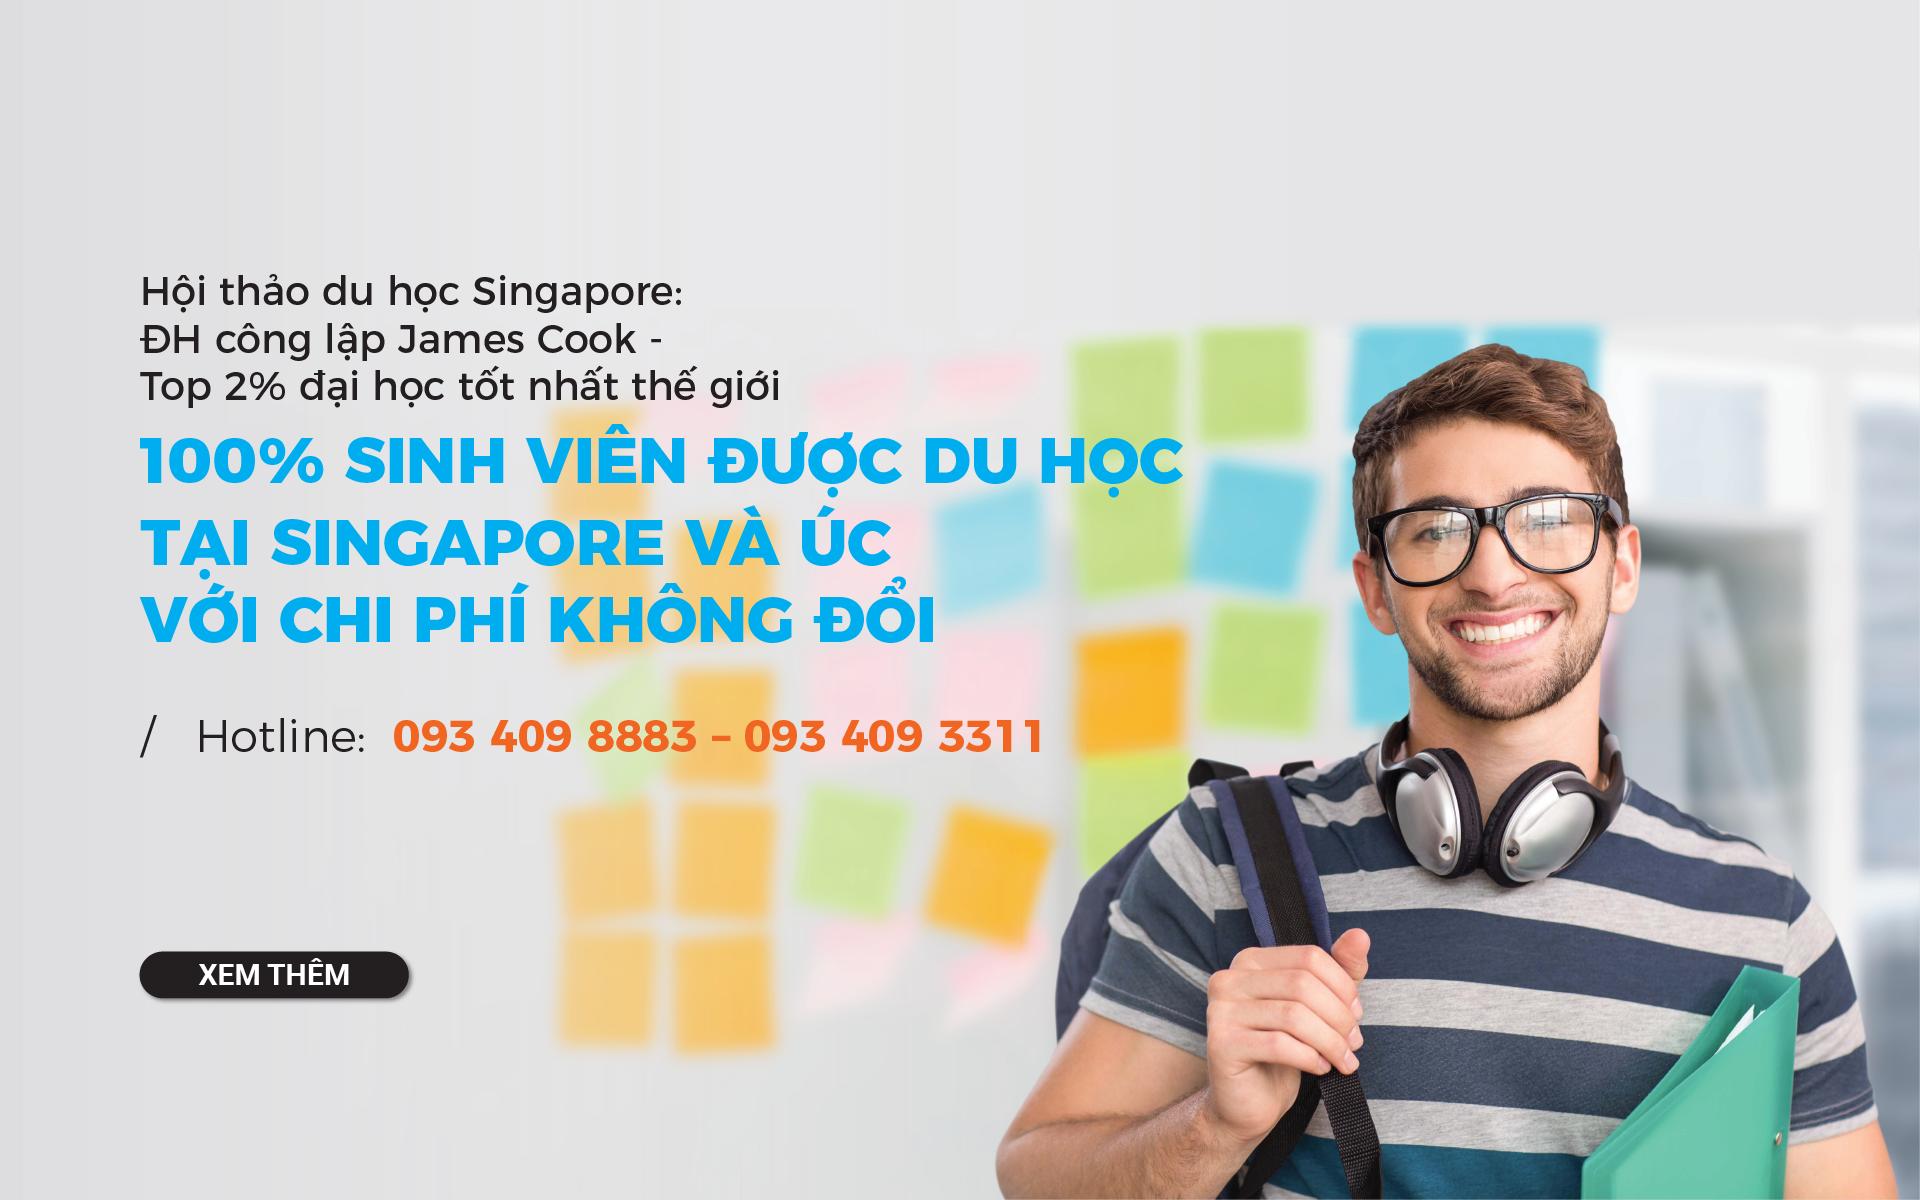 Du học Singapore - Trải nghiệm nền giáo dục Úc cùng ĐH James Cook